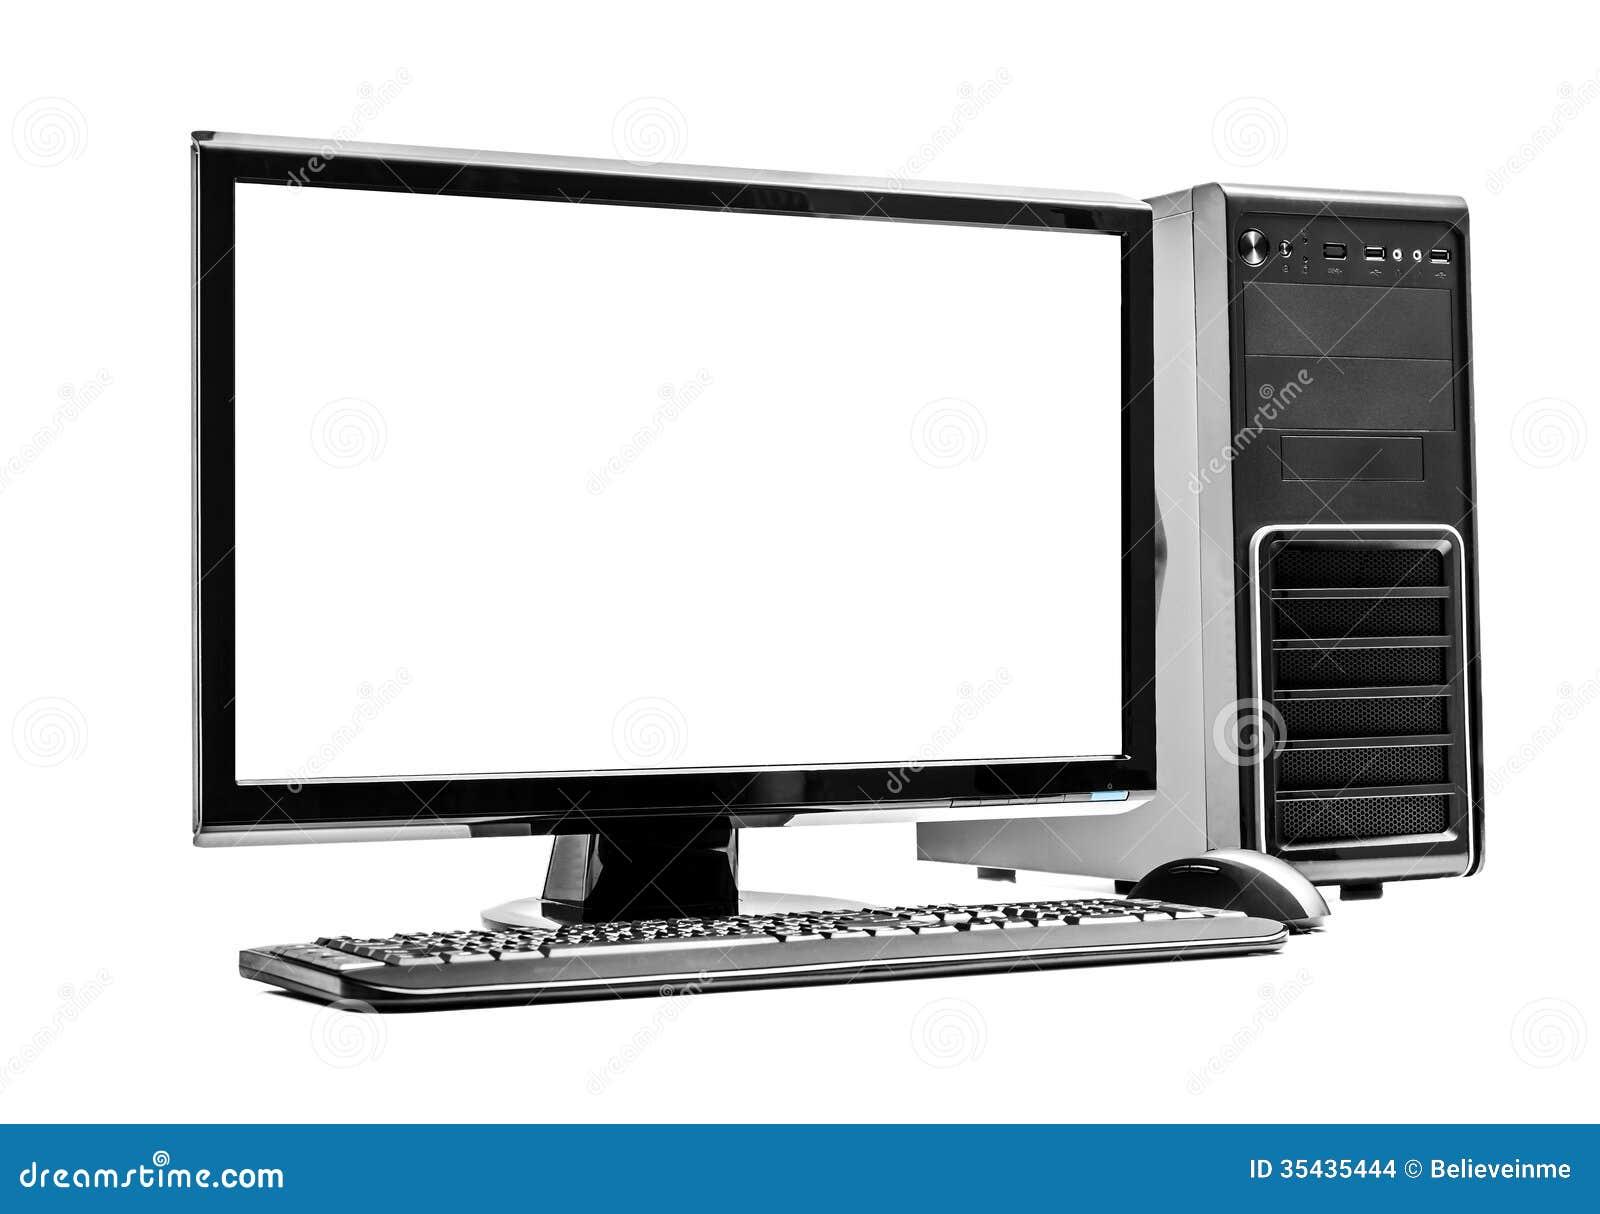 台式计算机和键盘和老鼠在白色.图片